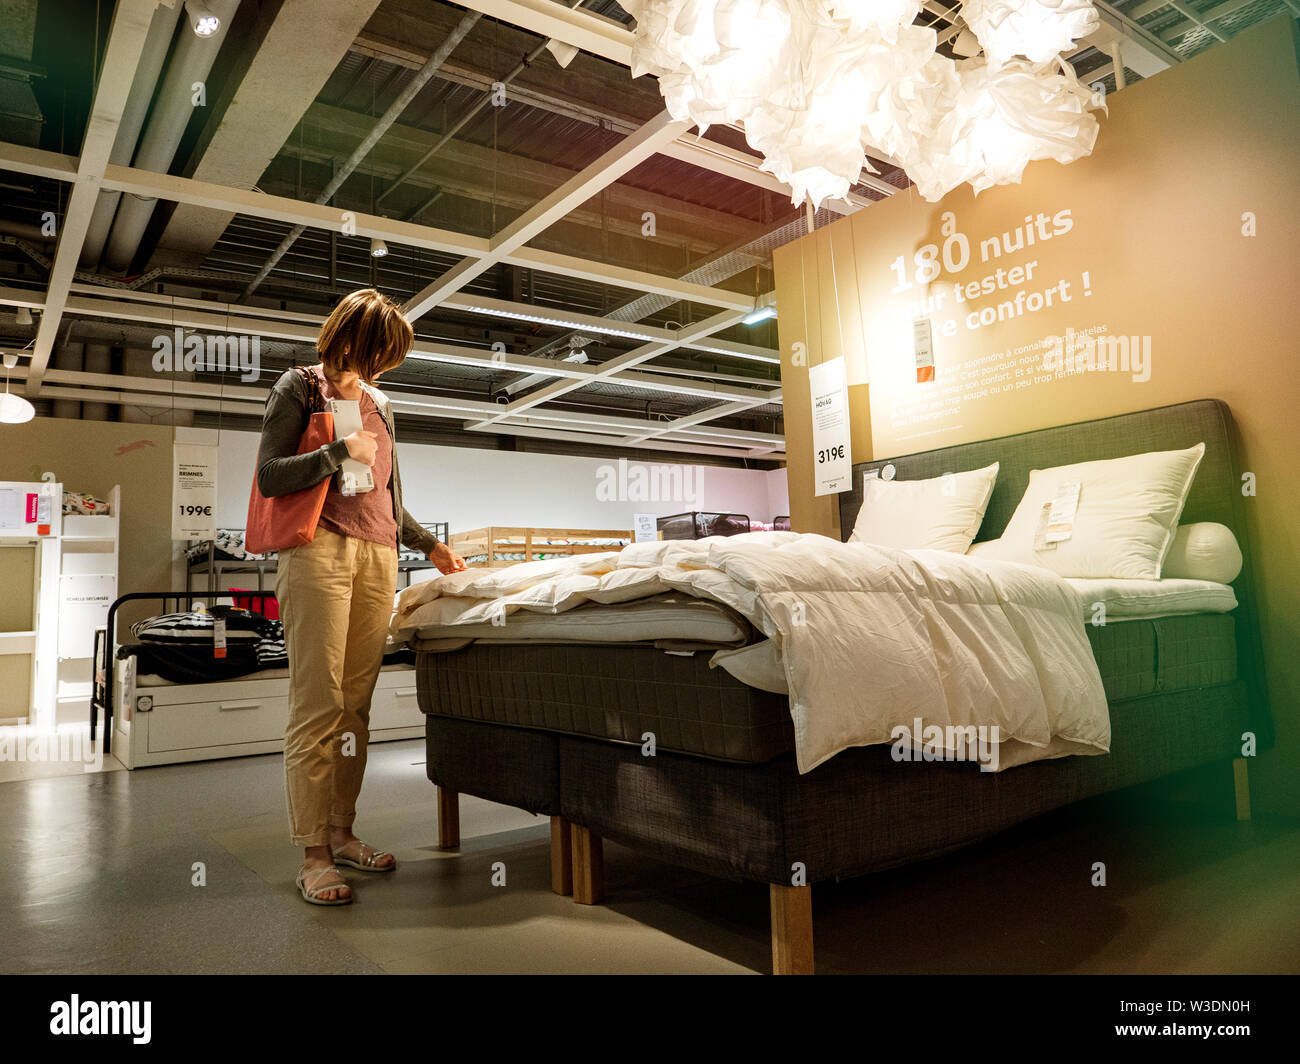 Biancheria Da Letto Ikea.Letto Ikea Immagini Letto Ikea Fotos Stock Alamy